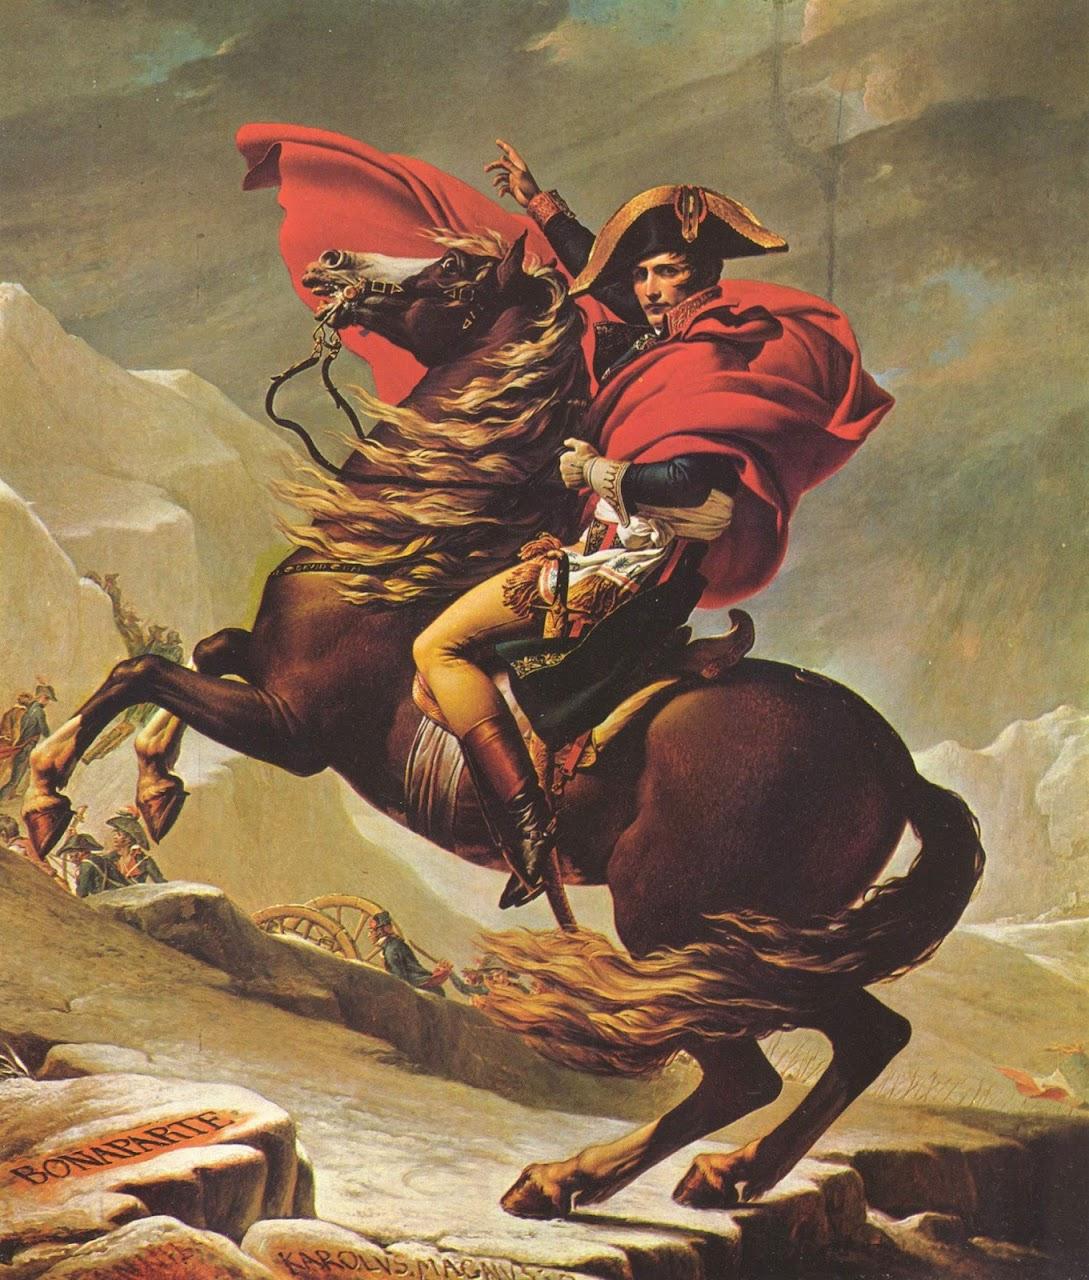 http://4.bp.blogspot.com/-kyNCuO9K-uw/T8ZJdo0Ga1I/AAAAAAAAA5s/3OOcPZh-318/s1600/Bonaparte+tirano.jpg